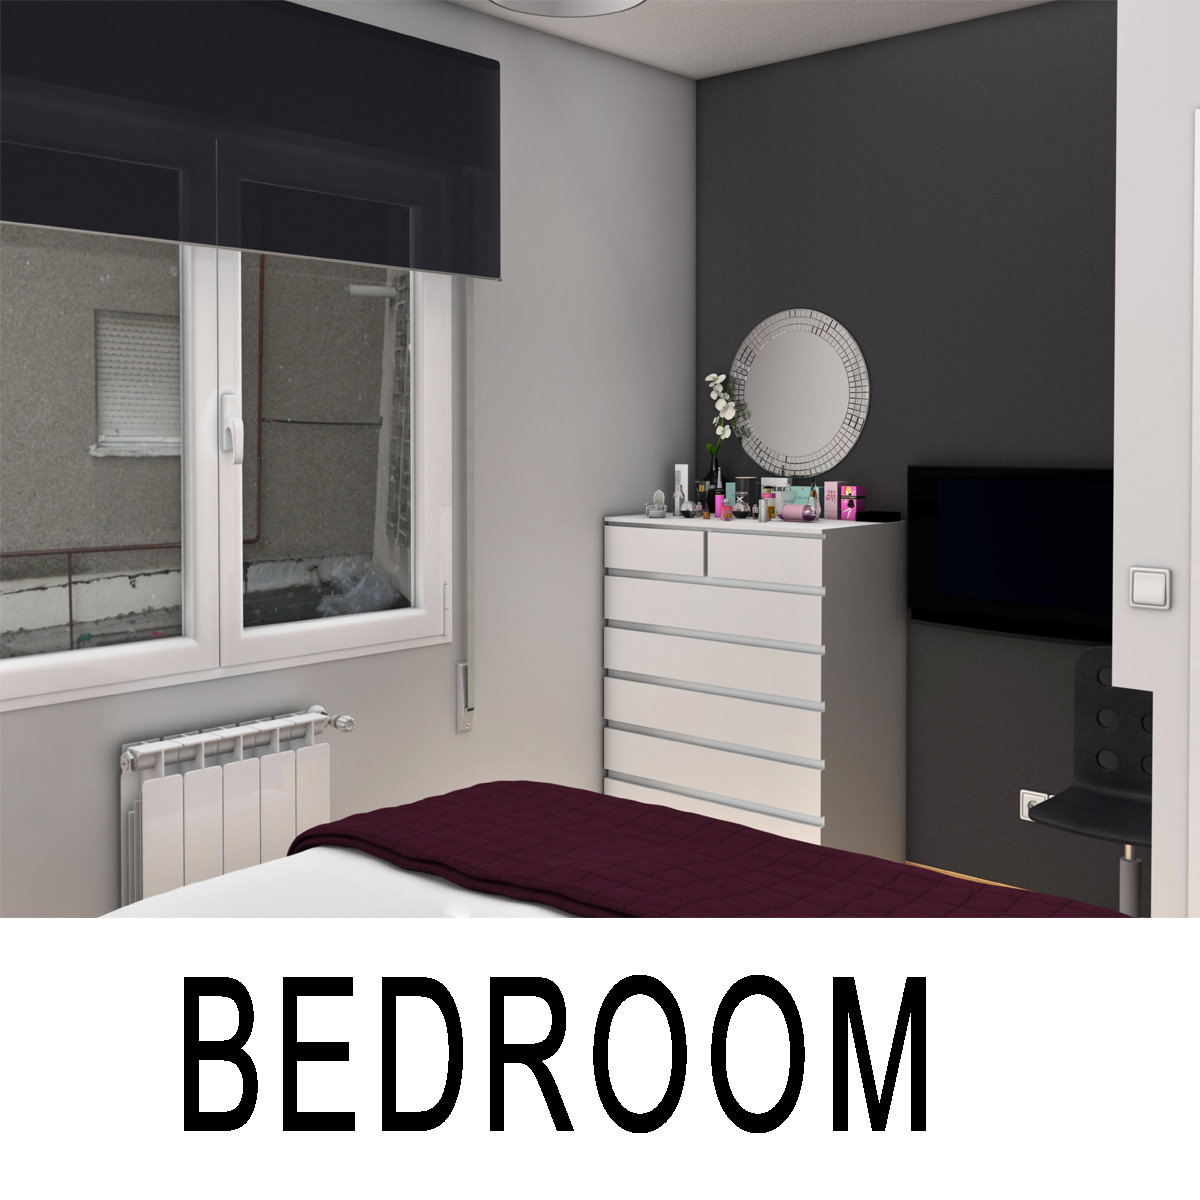 bedroom 3d model max obj 3ds fbx c4d ma mb